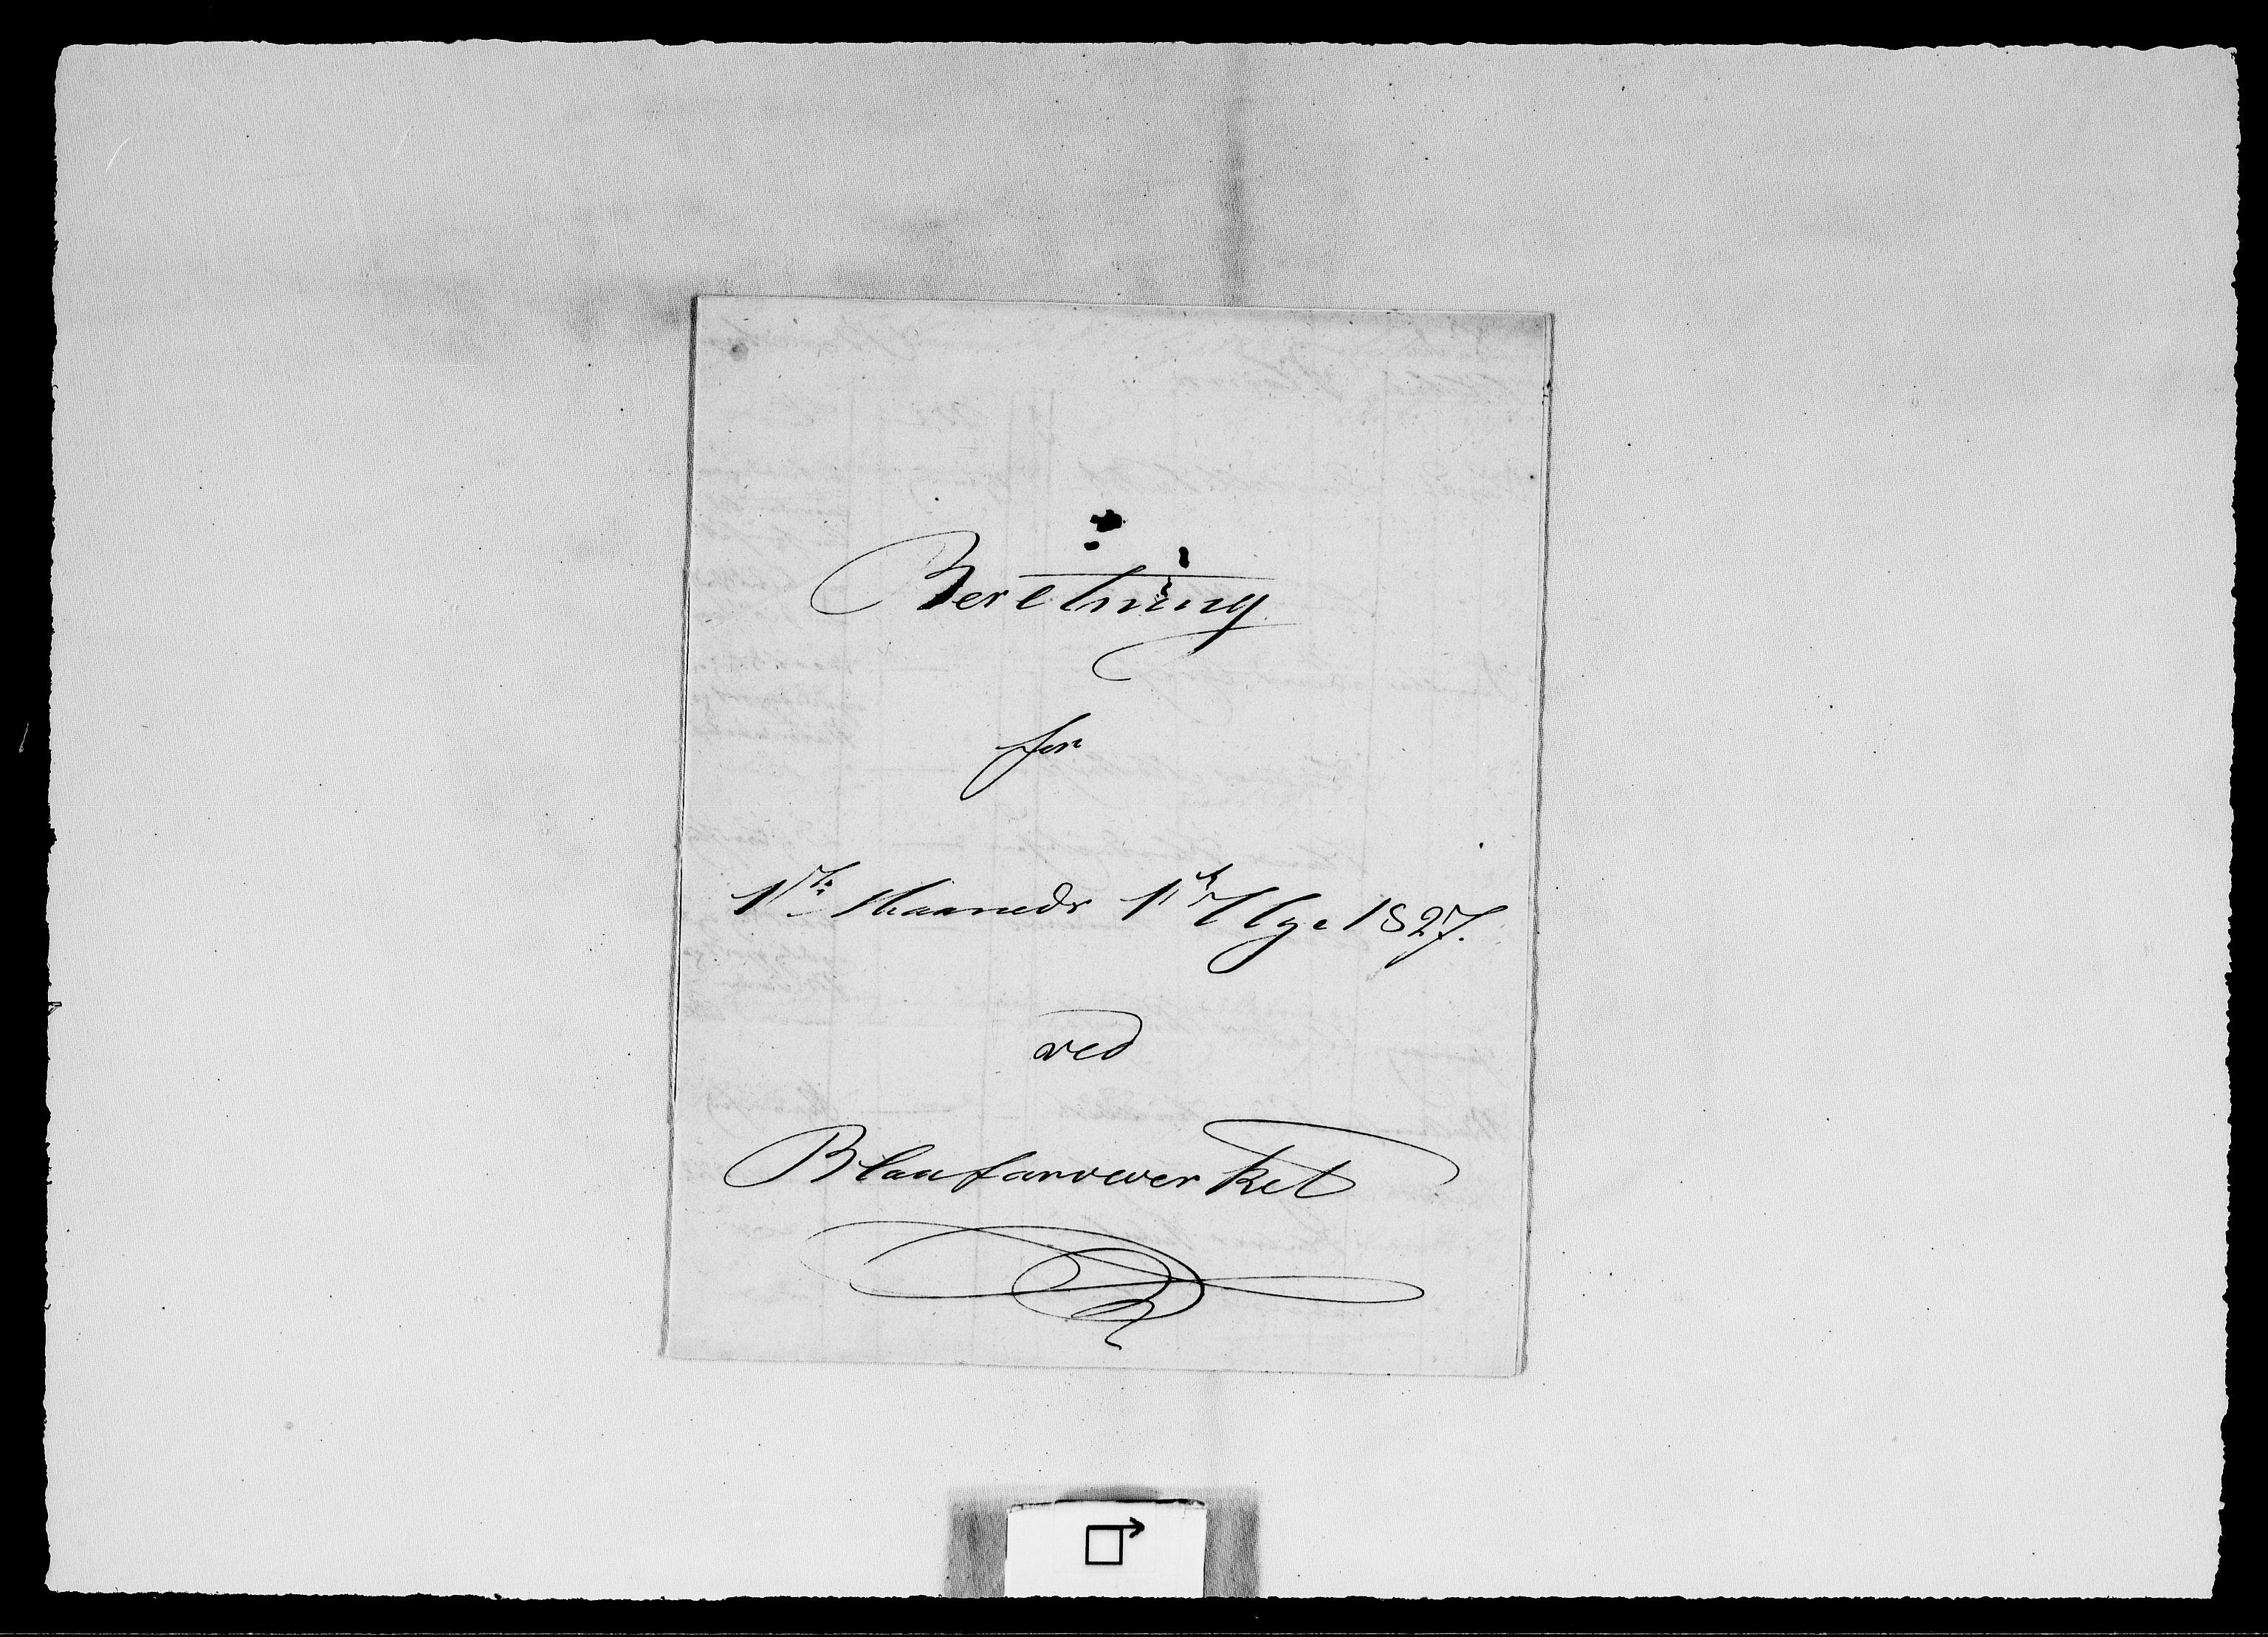 RA, Modums Blaafarveværk, G/Ge/L0319, 1827-1828, s. 2